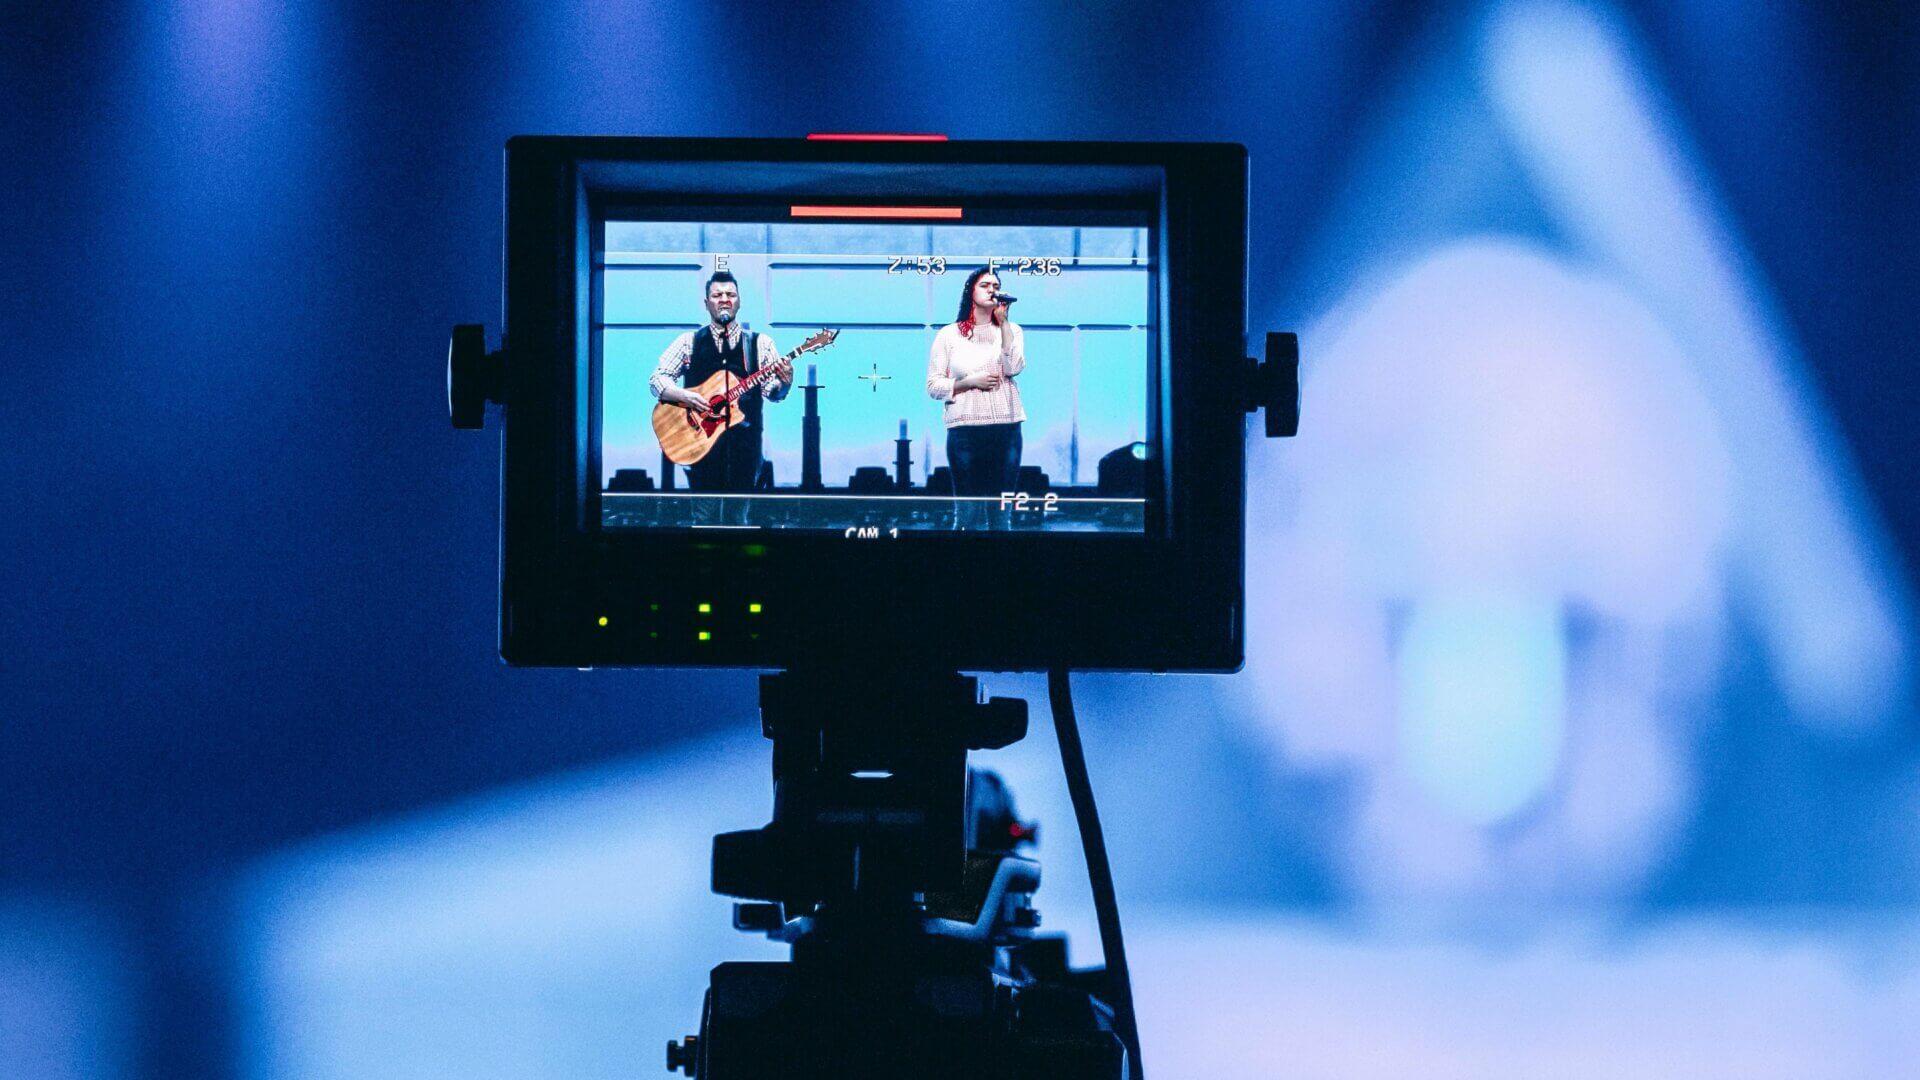 Livestream_Cam